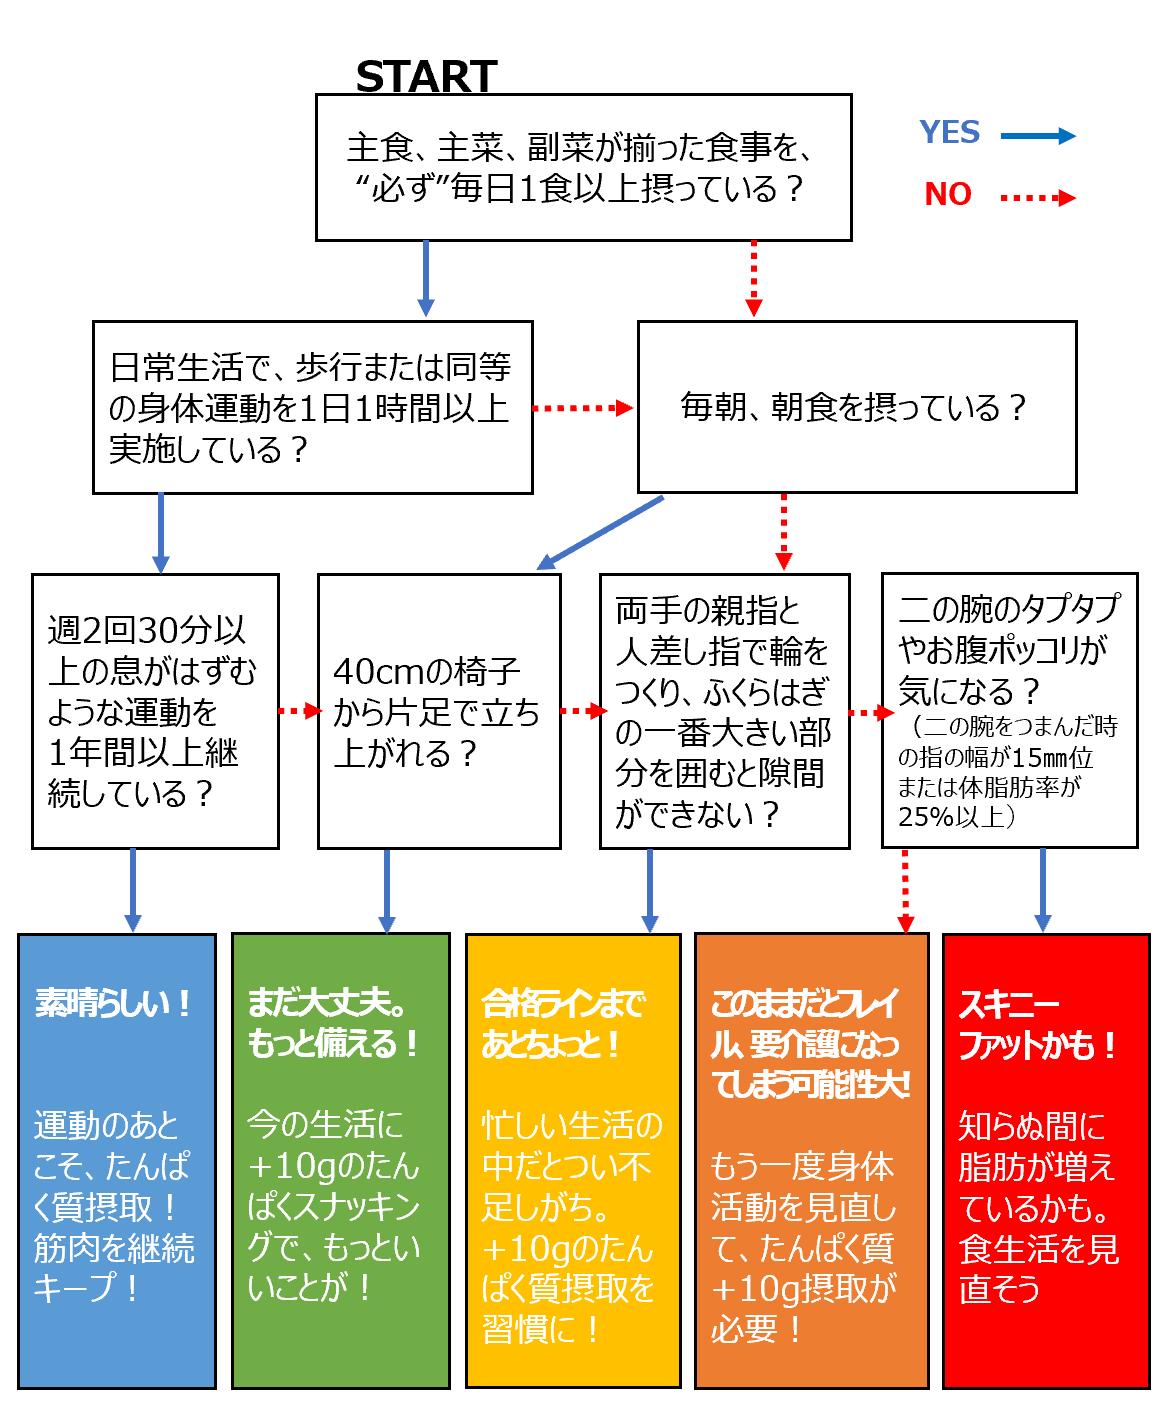 スキニーファットチェック表